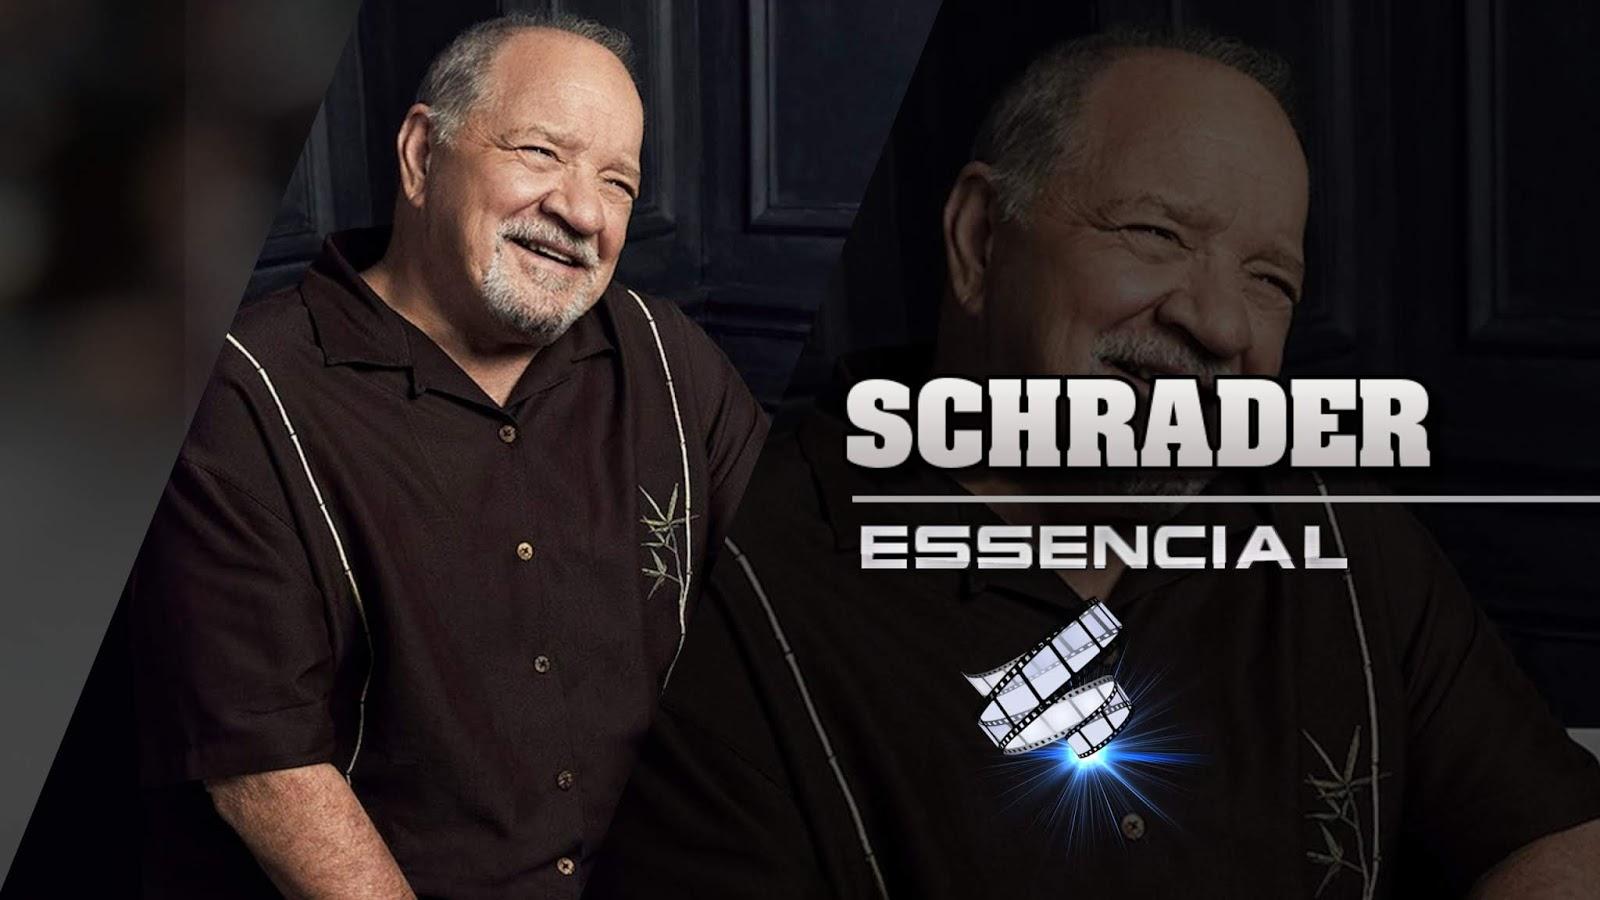 paul-schrader-10-filmes-essenciais